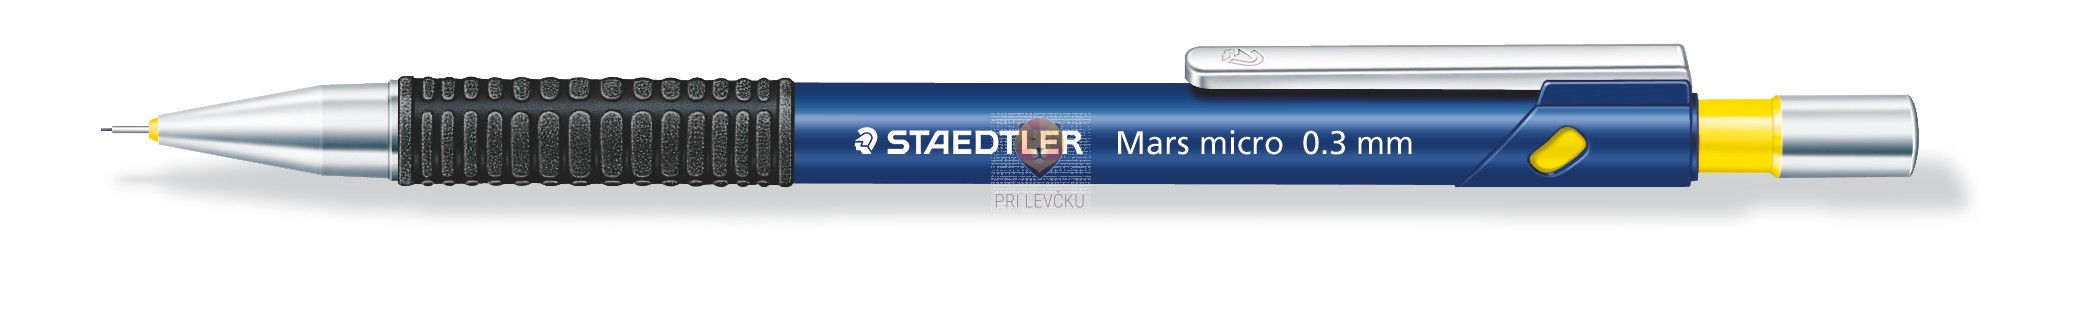 Tehnični svinčnik Mars Micro 0,3mm Staedtler